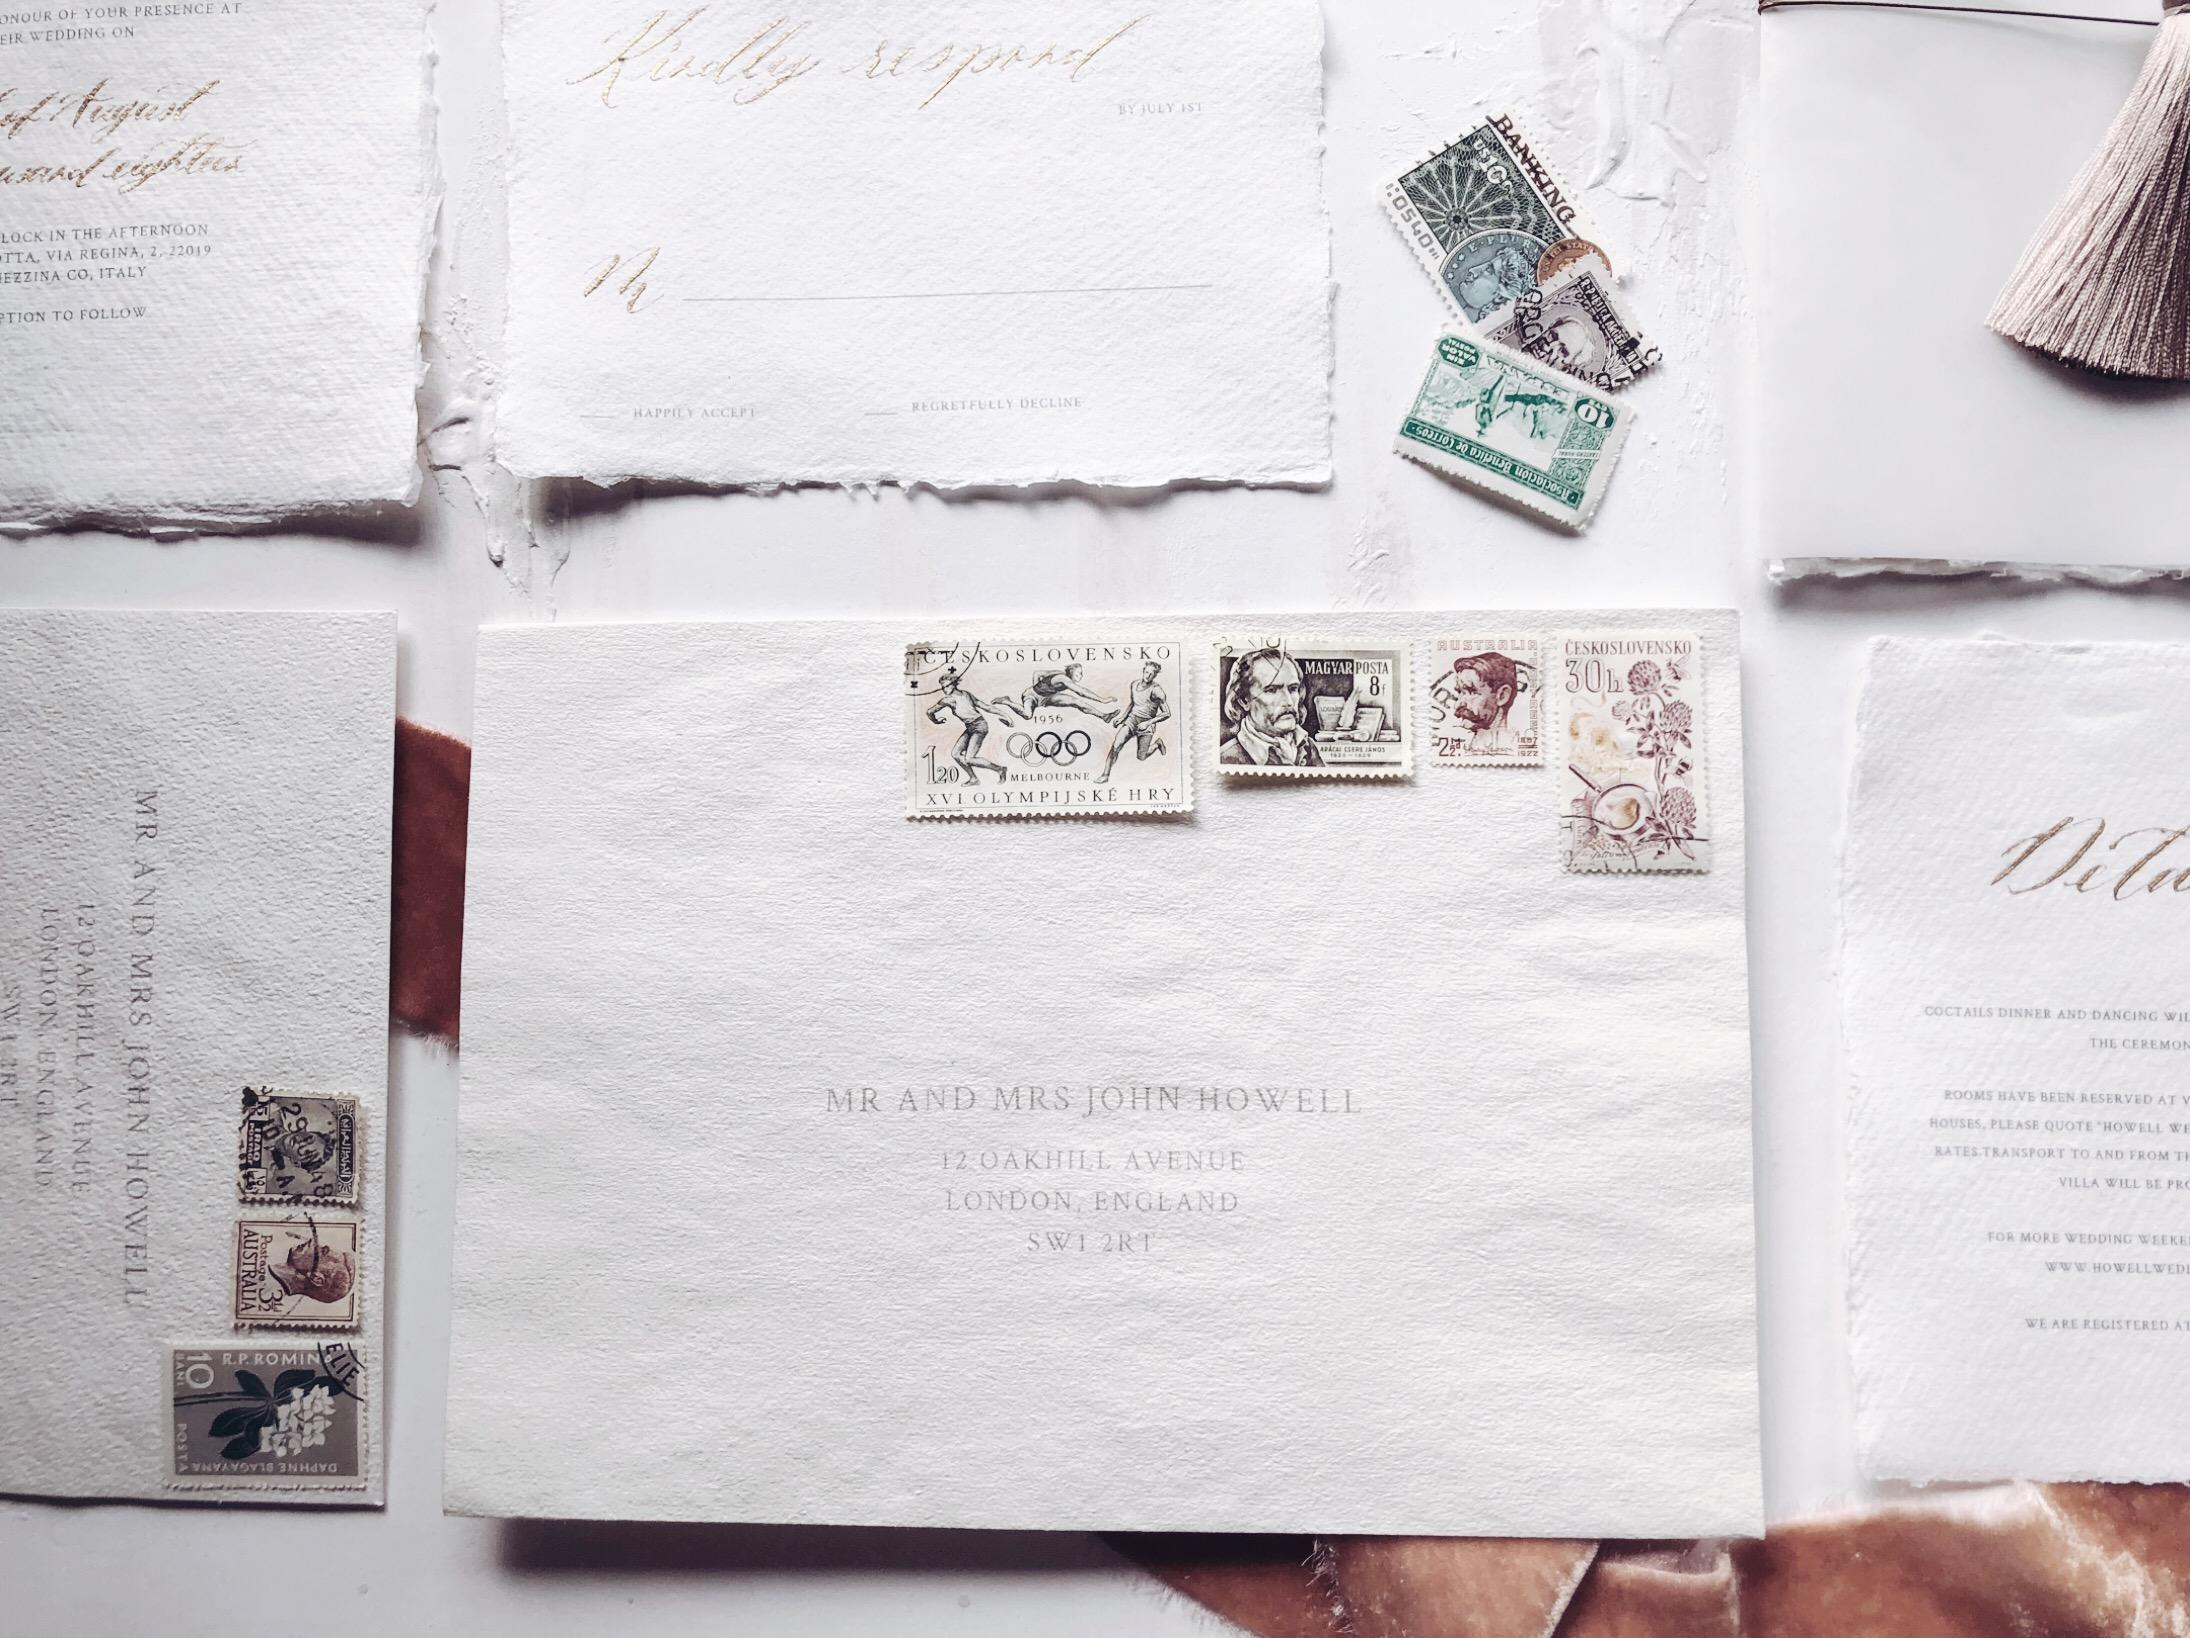 Iwedding_envelopes_handmade_paper.JPG